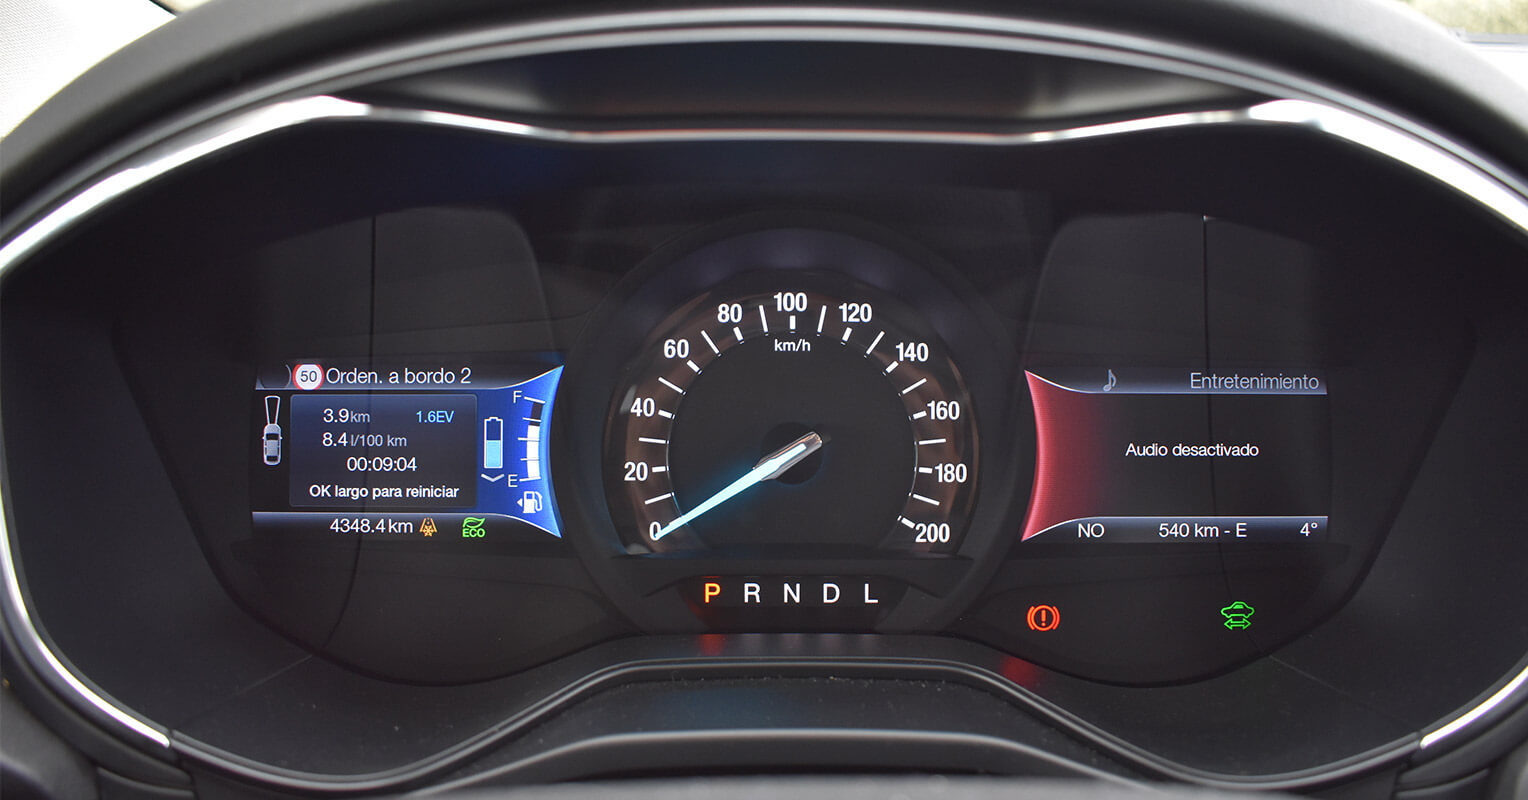 Instrumentación del Ford Mondeo híbrido